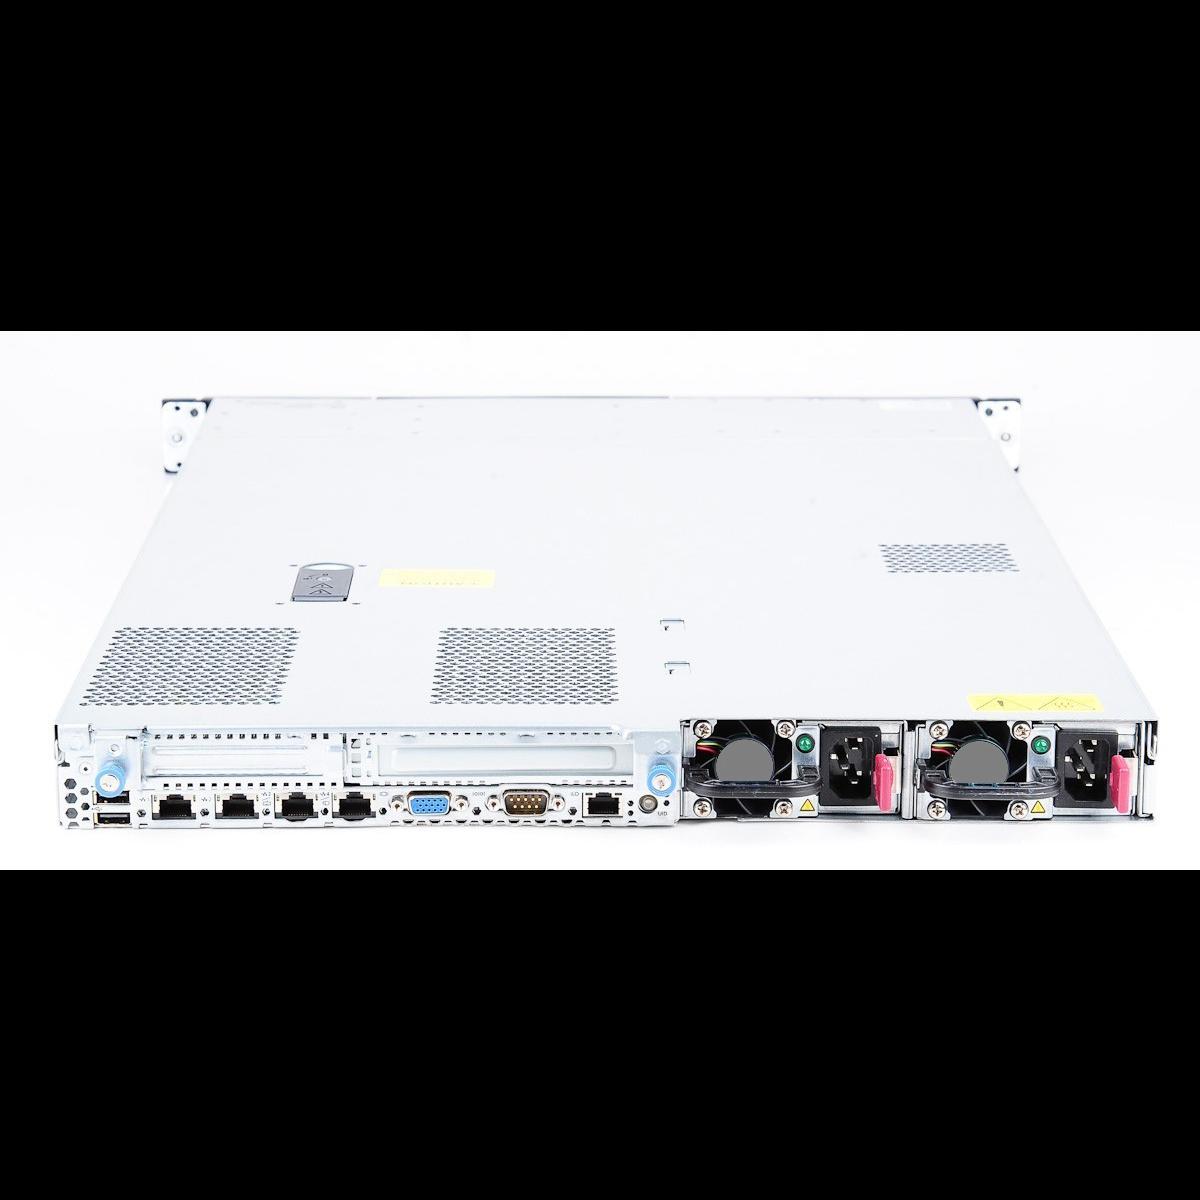 Сервер HP Proliant DL360 G7, 1 процессор Intel Xeon 6С X5670 2.93GHz, 16GB DRAM